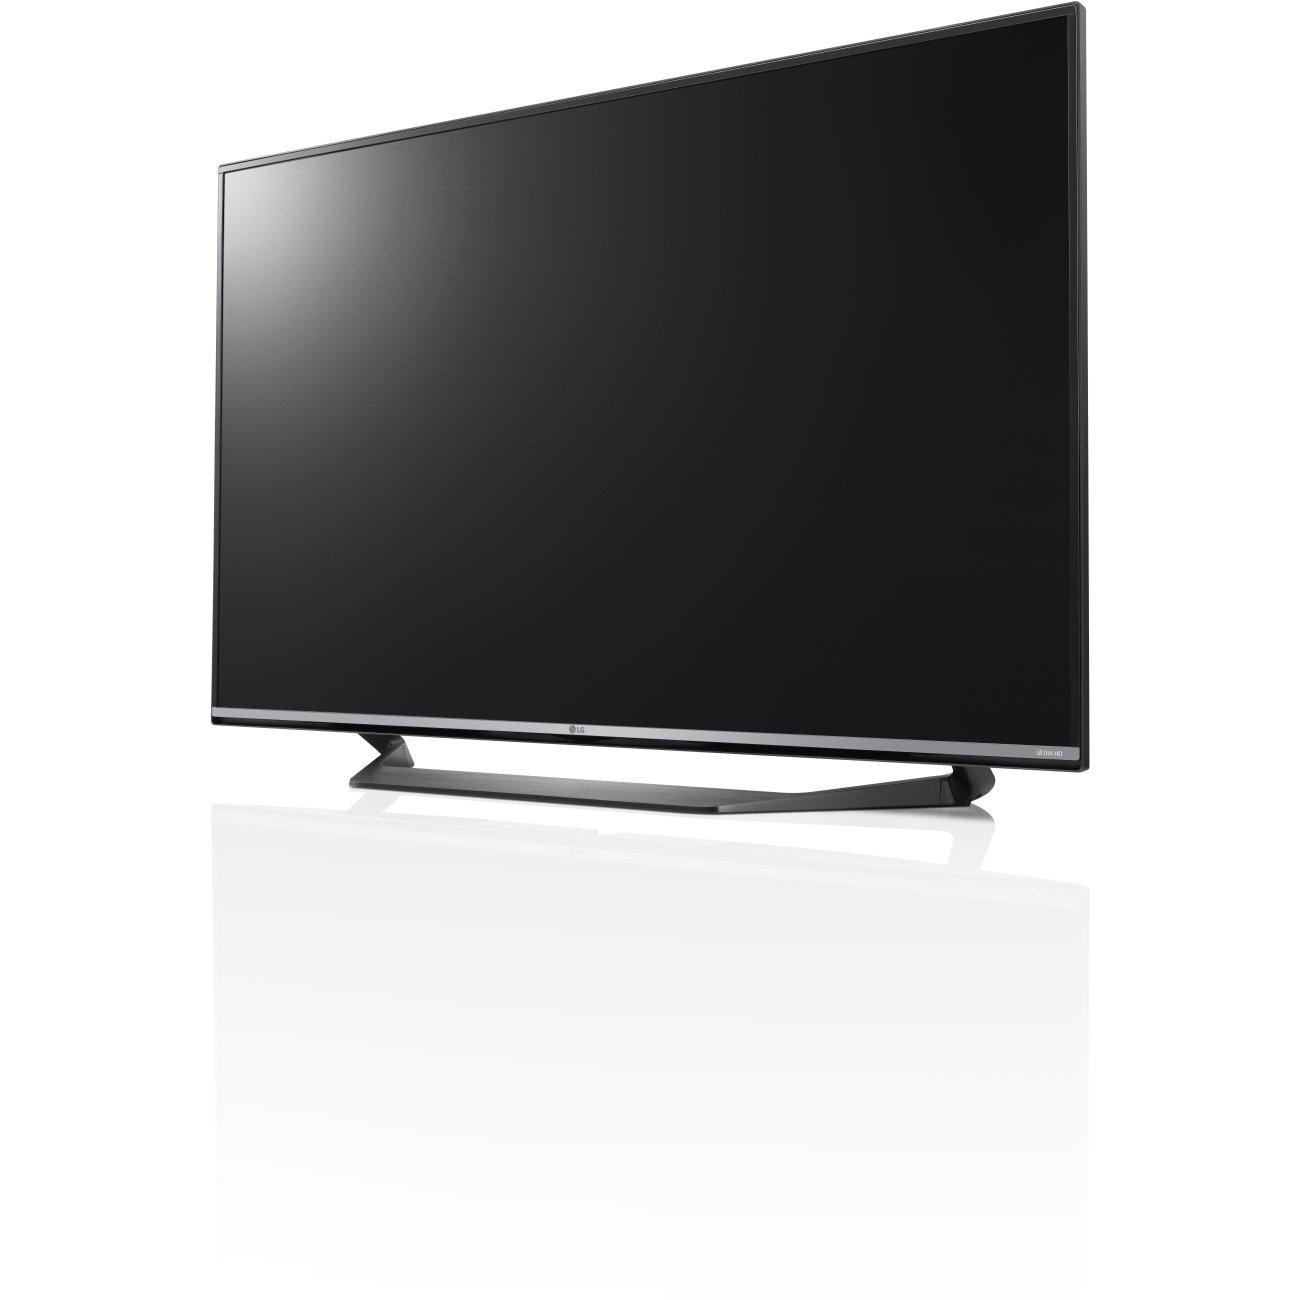 LG Electronics 49 3840 x 2160 1200:1 LED LCD TV 49UX340C